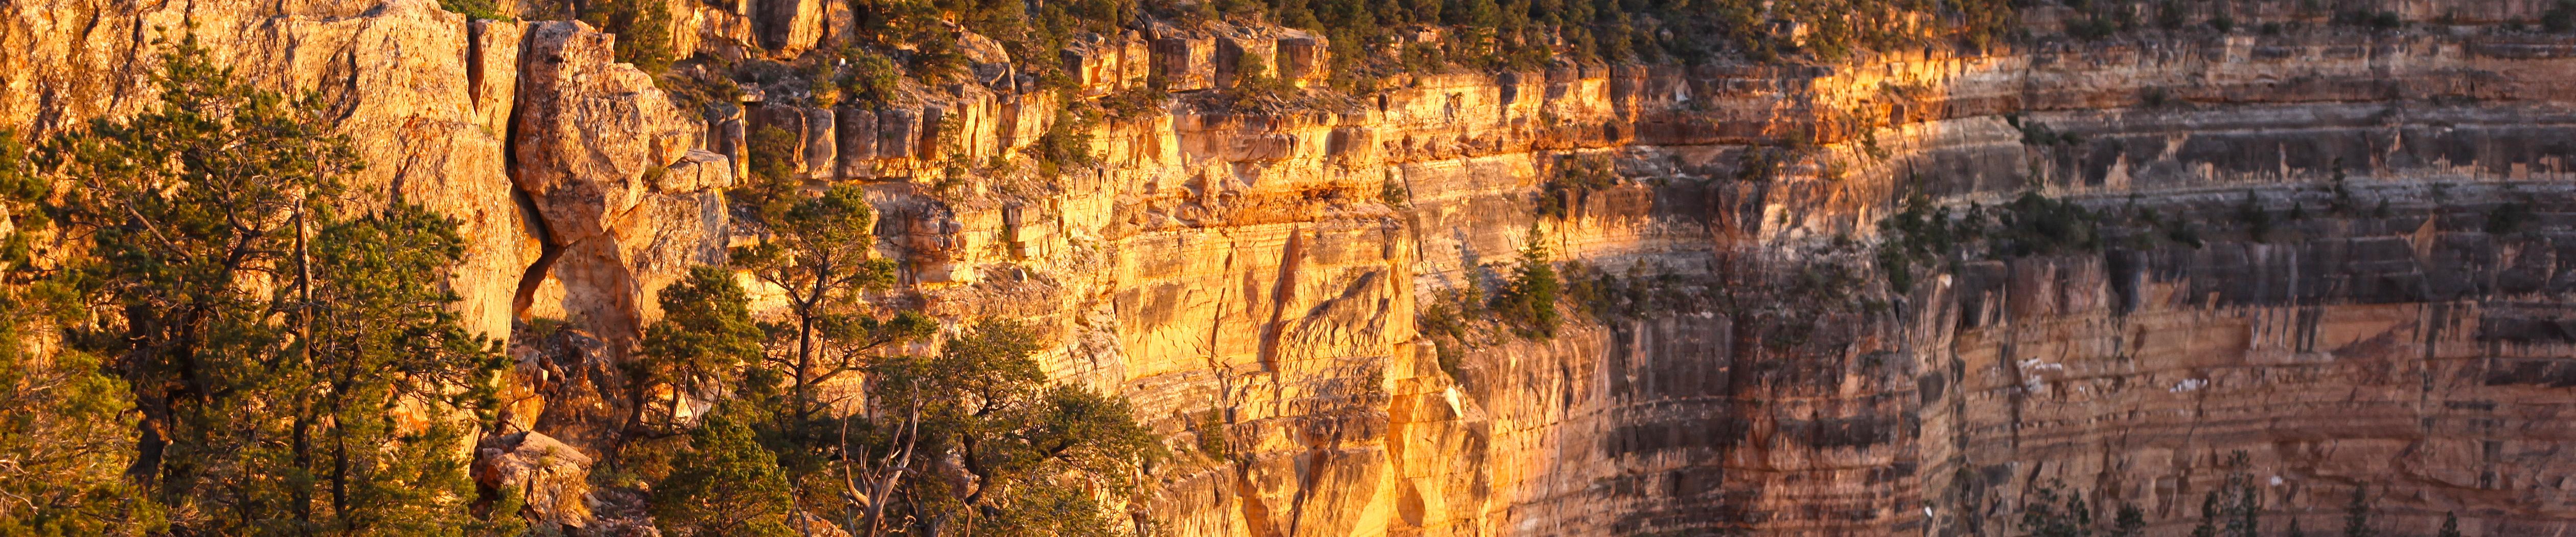 Гранд каньон обои на рабочий стол 2